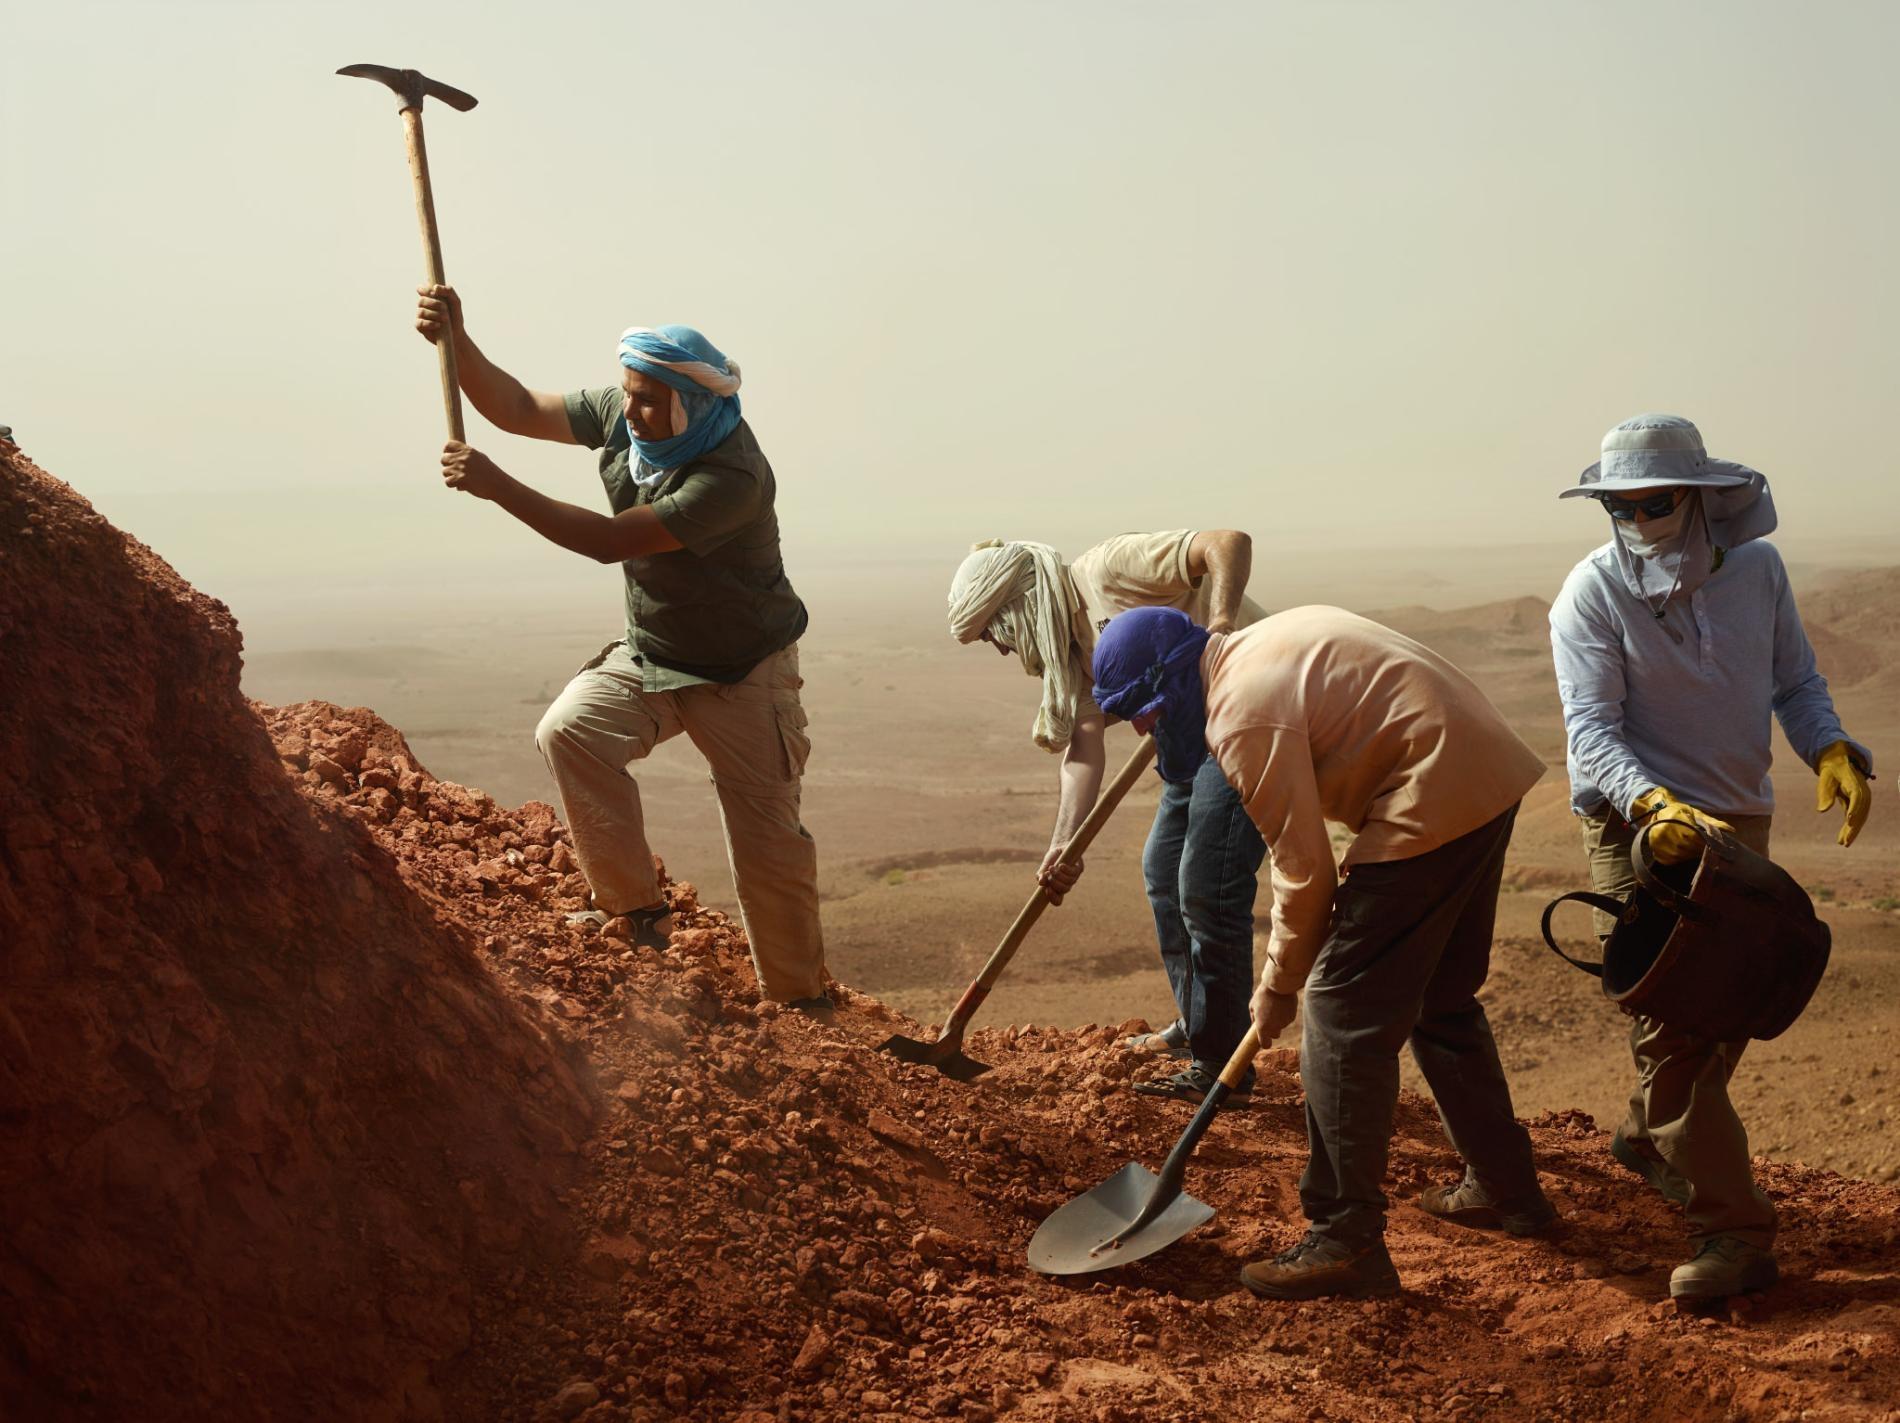 工作人員揮舞著鐵鏟與鋤頭開鑿摩洛哥茲里加(Zrigat)發掘現場,古生物學家尼札.伊布拉希姆(Nizar Ibrahim)和同僚們已經在此地發掘出了棘龍骨骸。 PHOTOGRAPH BY PAOLO VERZONE, NATIONAL GEOGRAPHIC